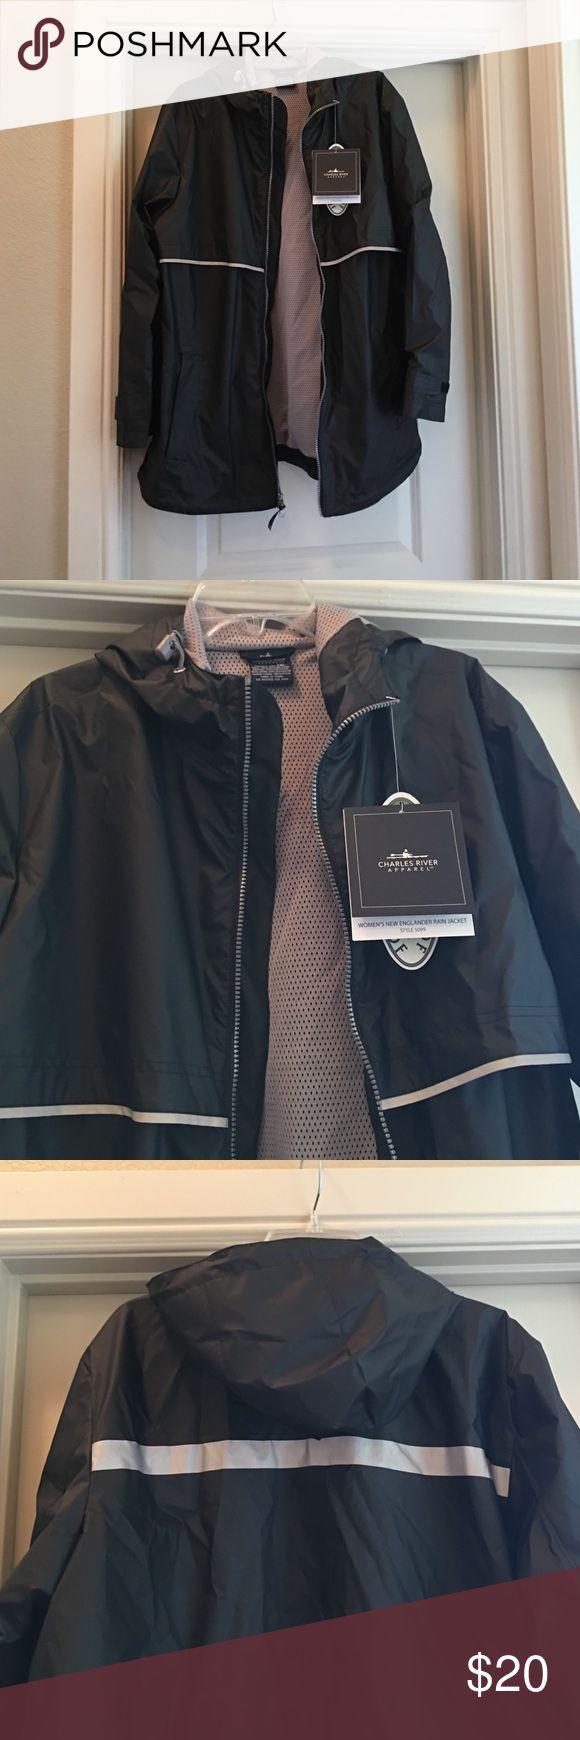 Waterproof Rain jacket Charles River Apparel Women's New Englander Waterproof Rain Jacket Charles River Jackets & Coats Utility Jackets